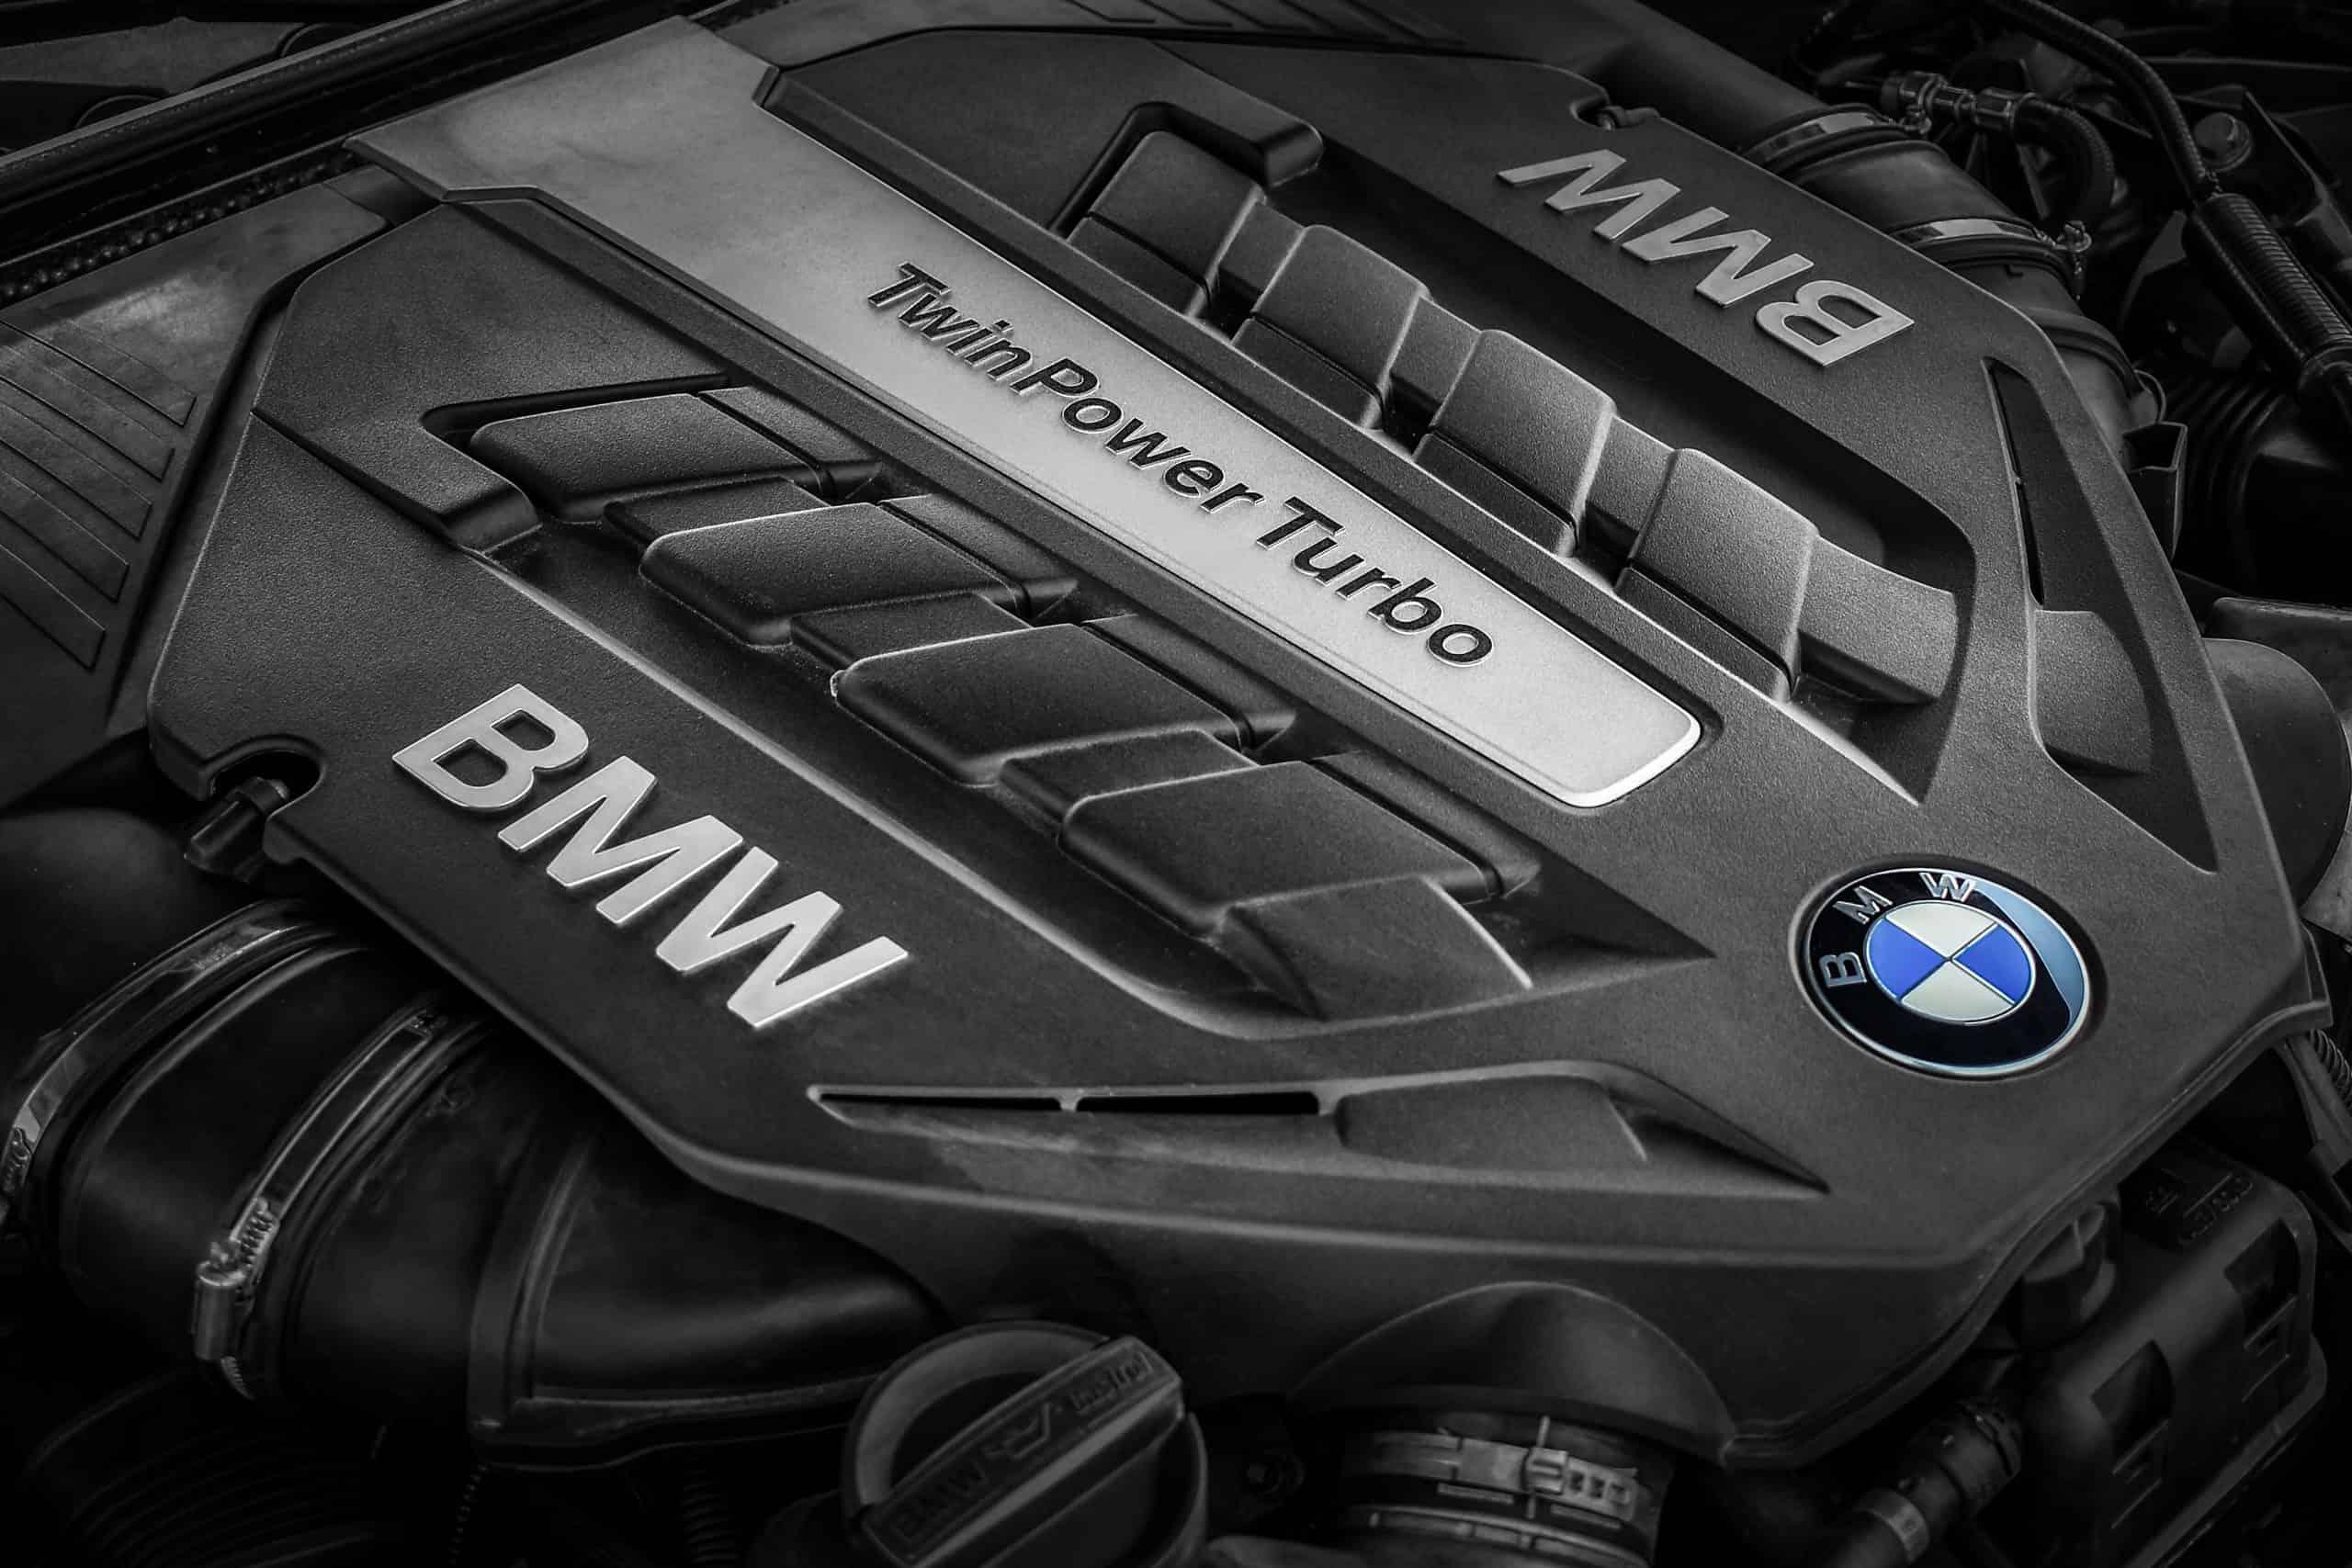 BMW twin power turbo engine